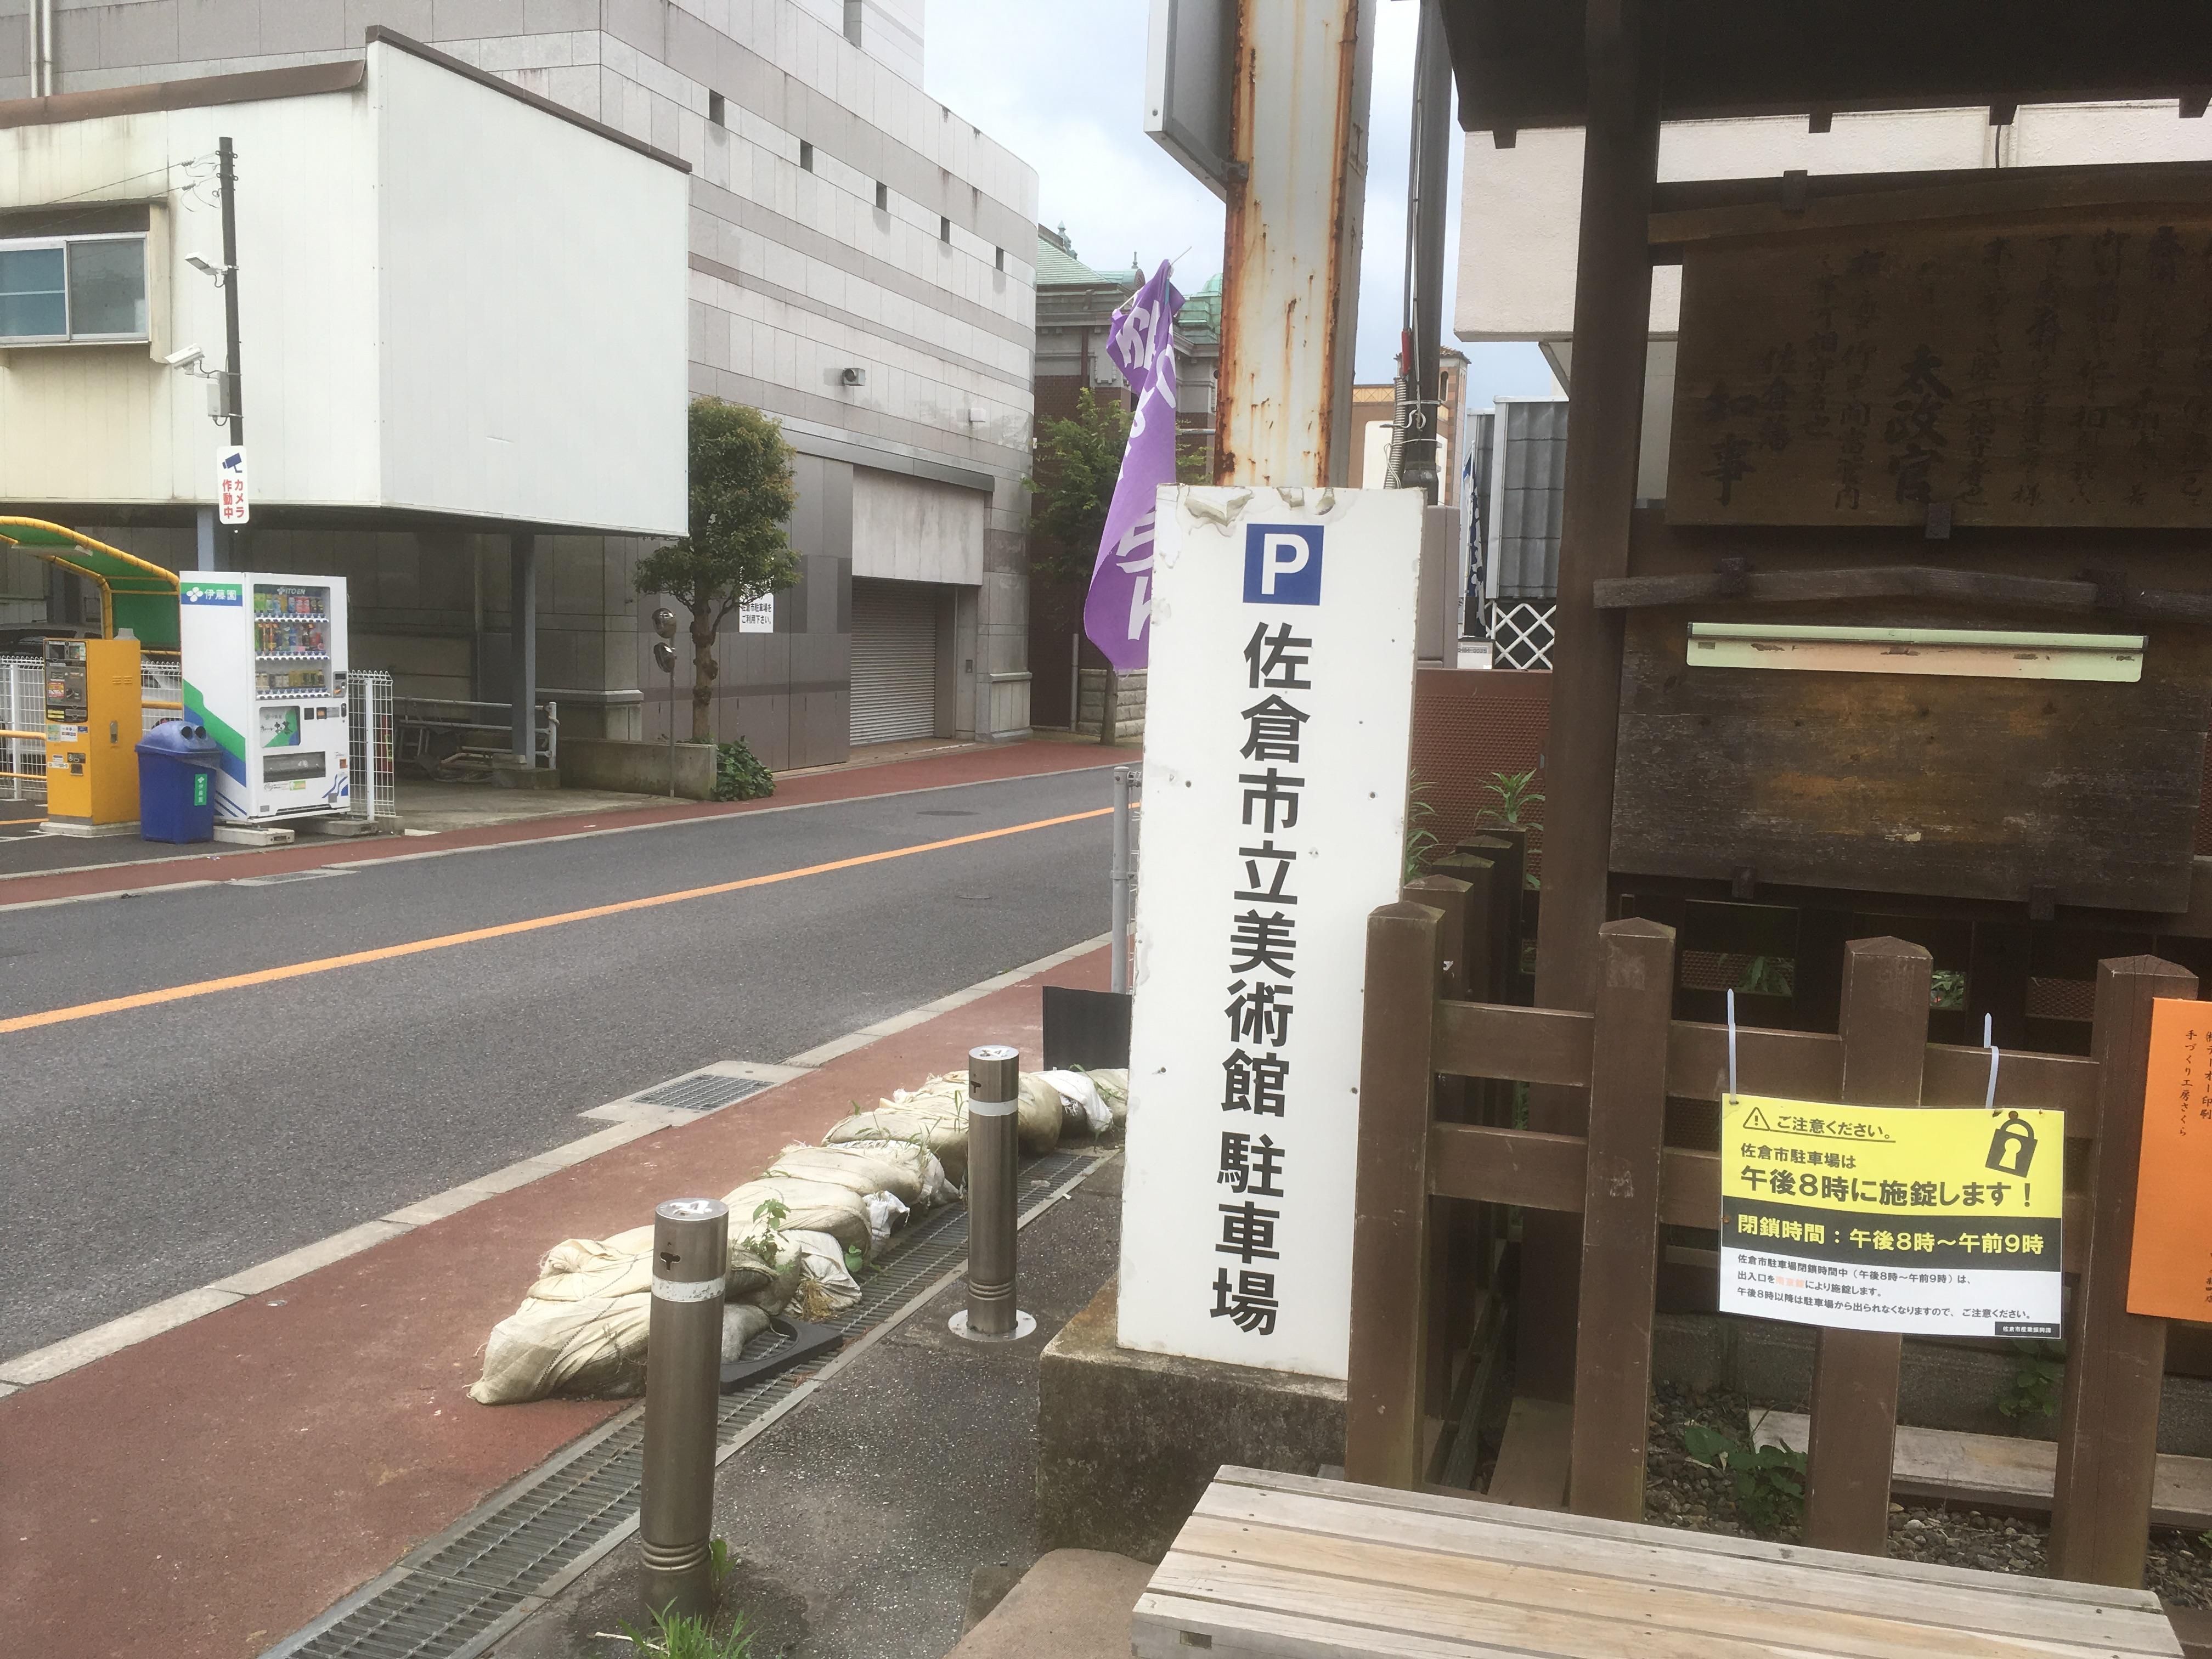 佐倉市立美術館 駐車場